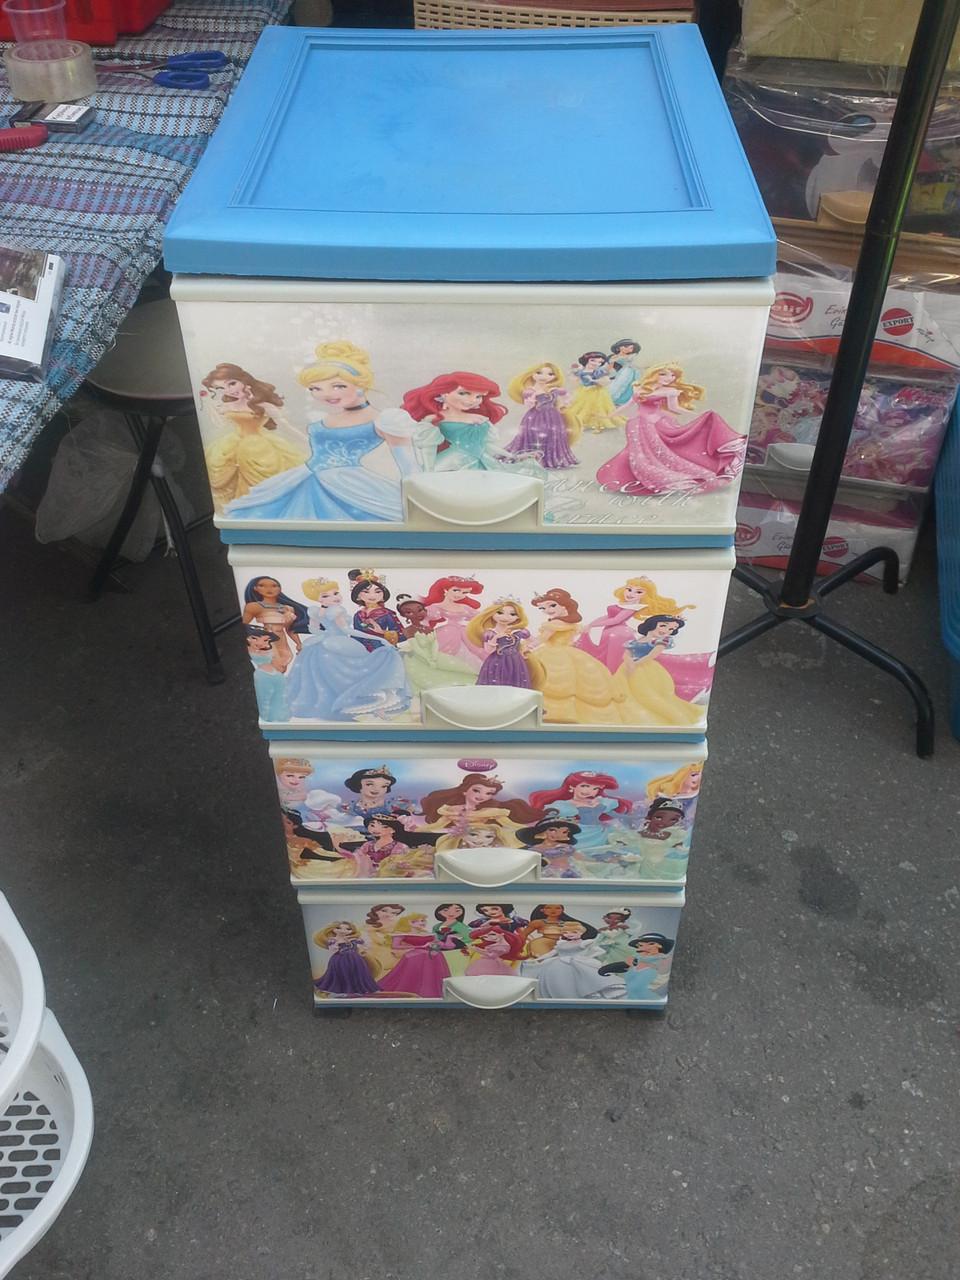 Комод пластиковый элиф принцессы диснея 2